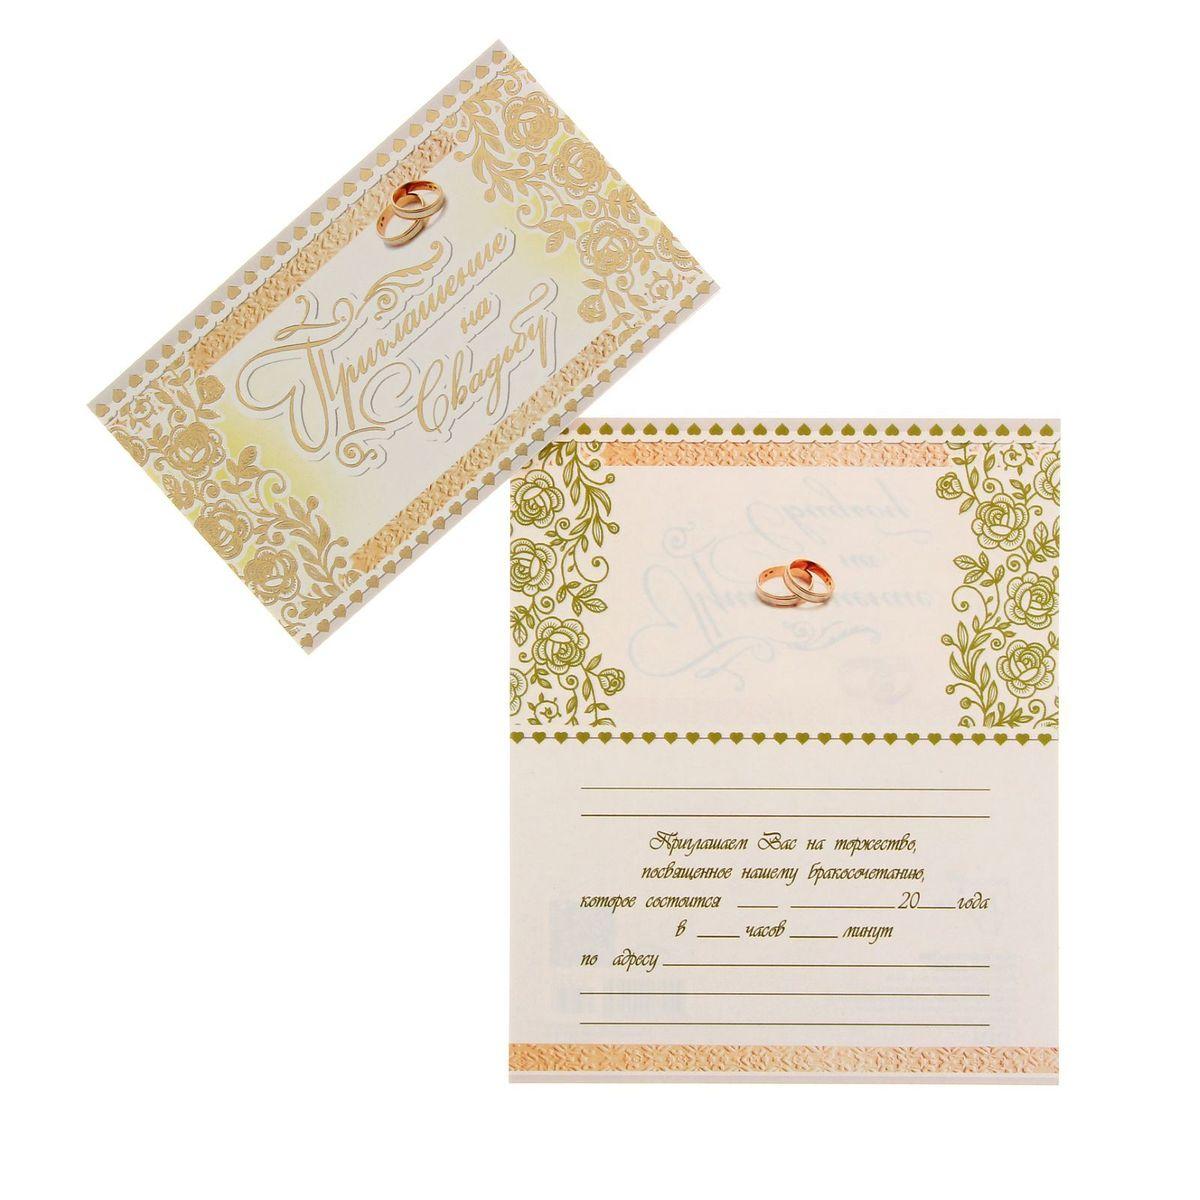 Приглашение на свадьбу Русский дизайн Кольца, 17 х 14 см123361Красивая свадебная пригласительная открытка станет незаменимым атрибутом подготовки к предстоящему торжеству и позволит объявить самым дорогим вам людям о важном событии в вашей жизни. Приглашение на свадьбу Русский дизайн Кольца, выполненное изкартона, отличается не только оригинальным дизайном, но и высоким качеством. Внутри - текстприглашения. Вам остается заполнить необходимые строки и раздать гостям.Устройте себе незабываемую свадьбу! Размер: 17 х 14 см.